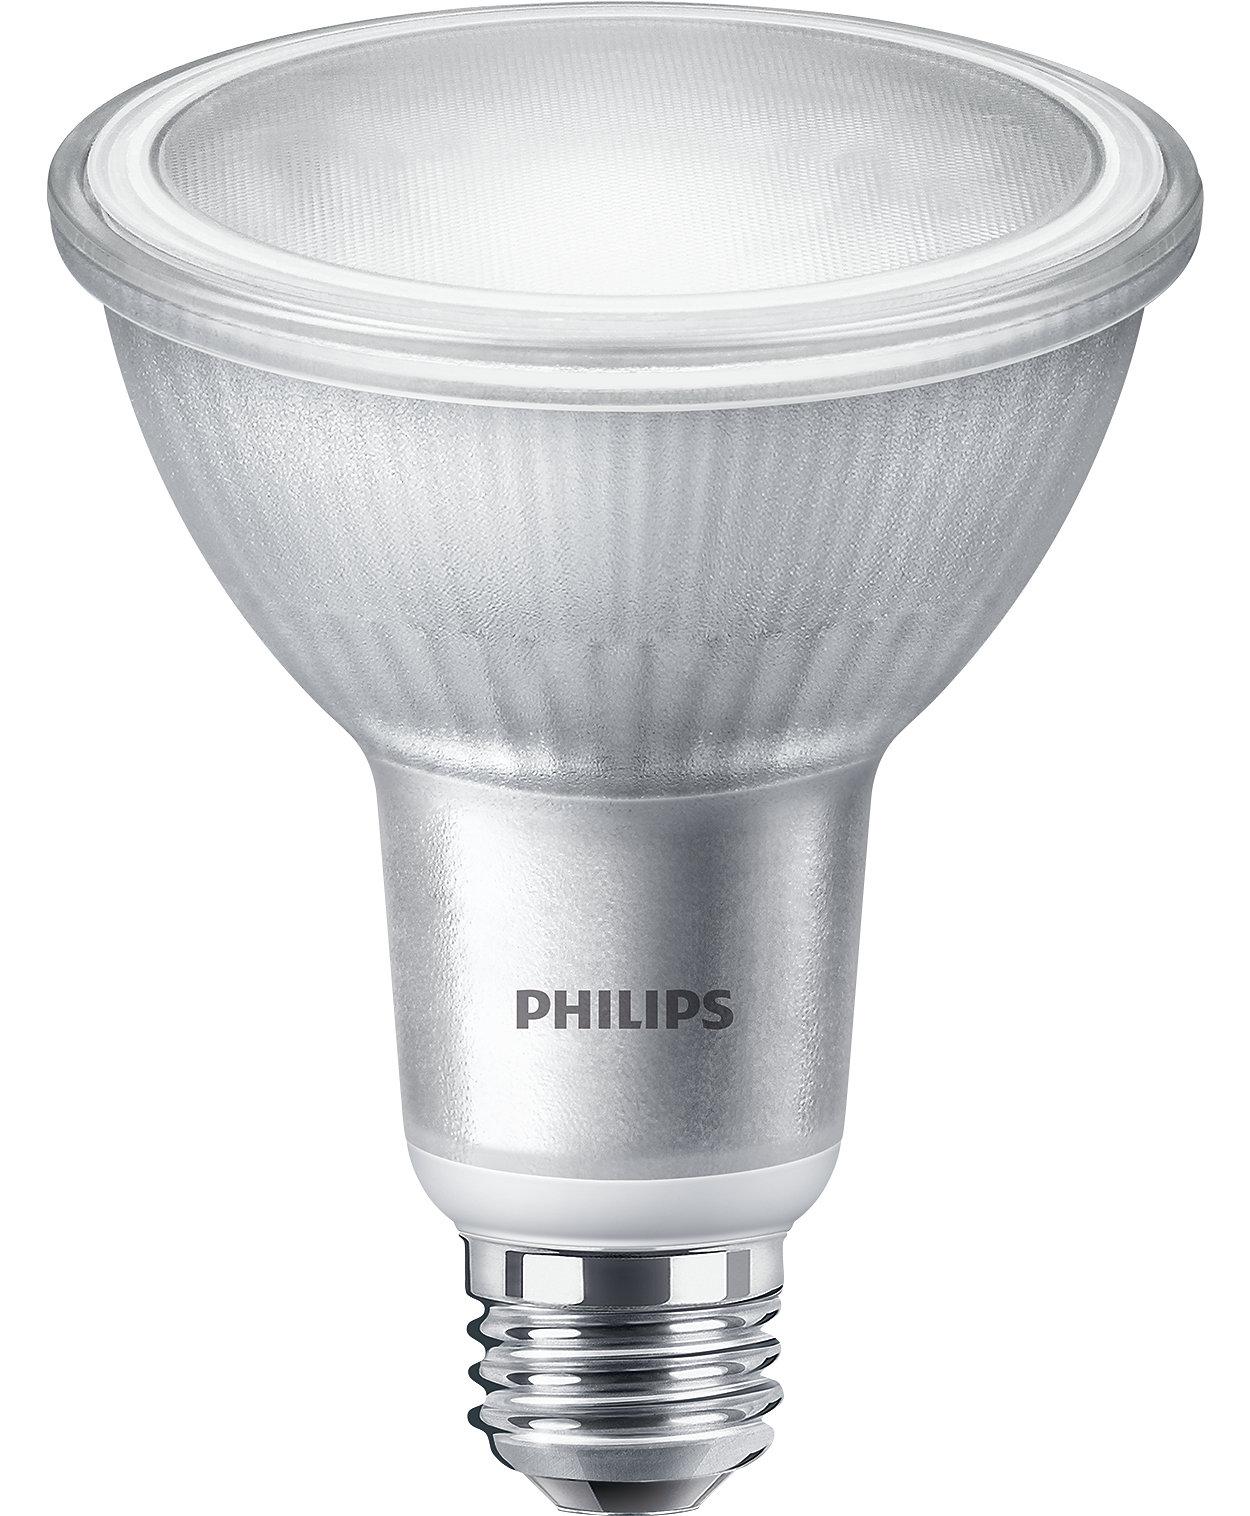 Tout ce que vous aimez d'une lampe halogène PAR30, le tout bonifié des avantages DEL. Mettez votre marchandise ou votre espace en valeur sans distraction.